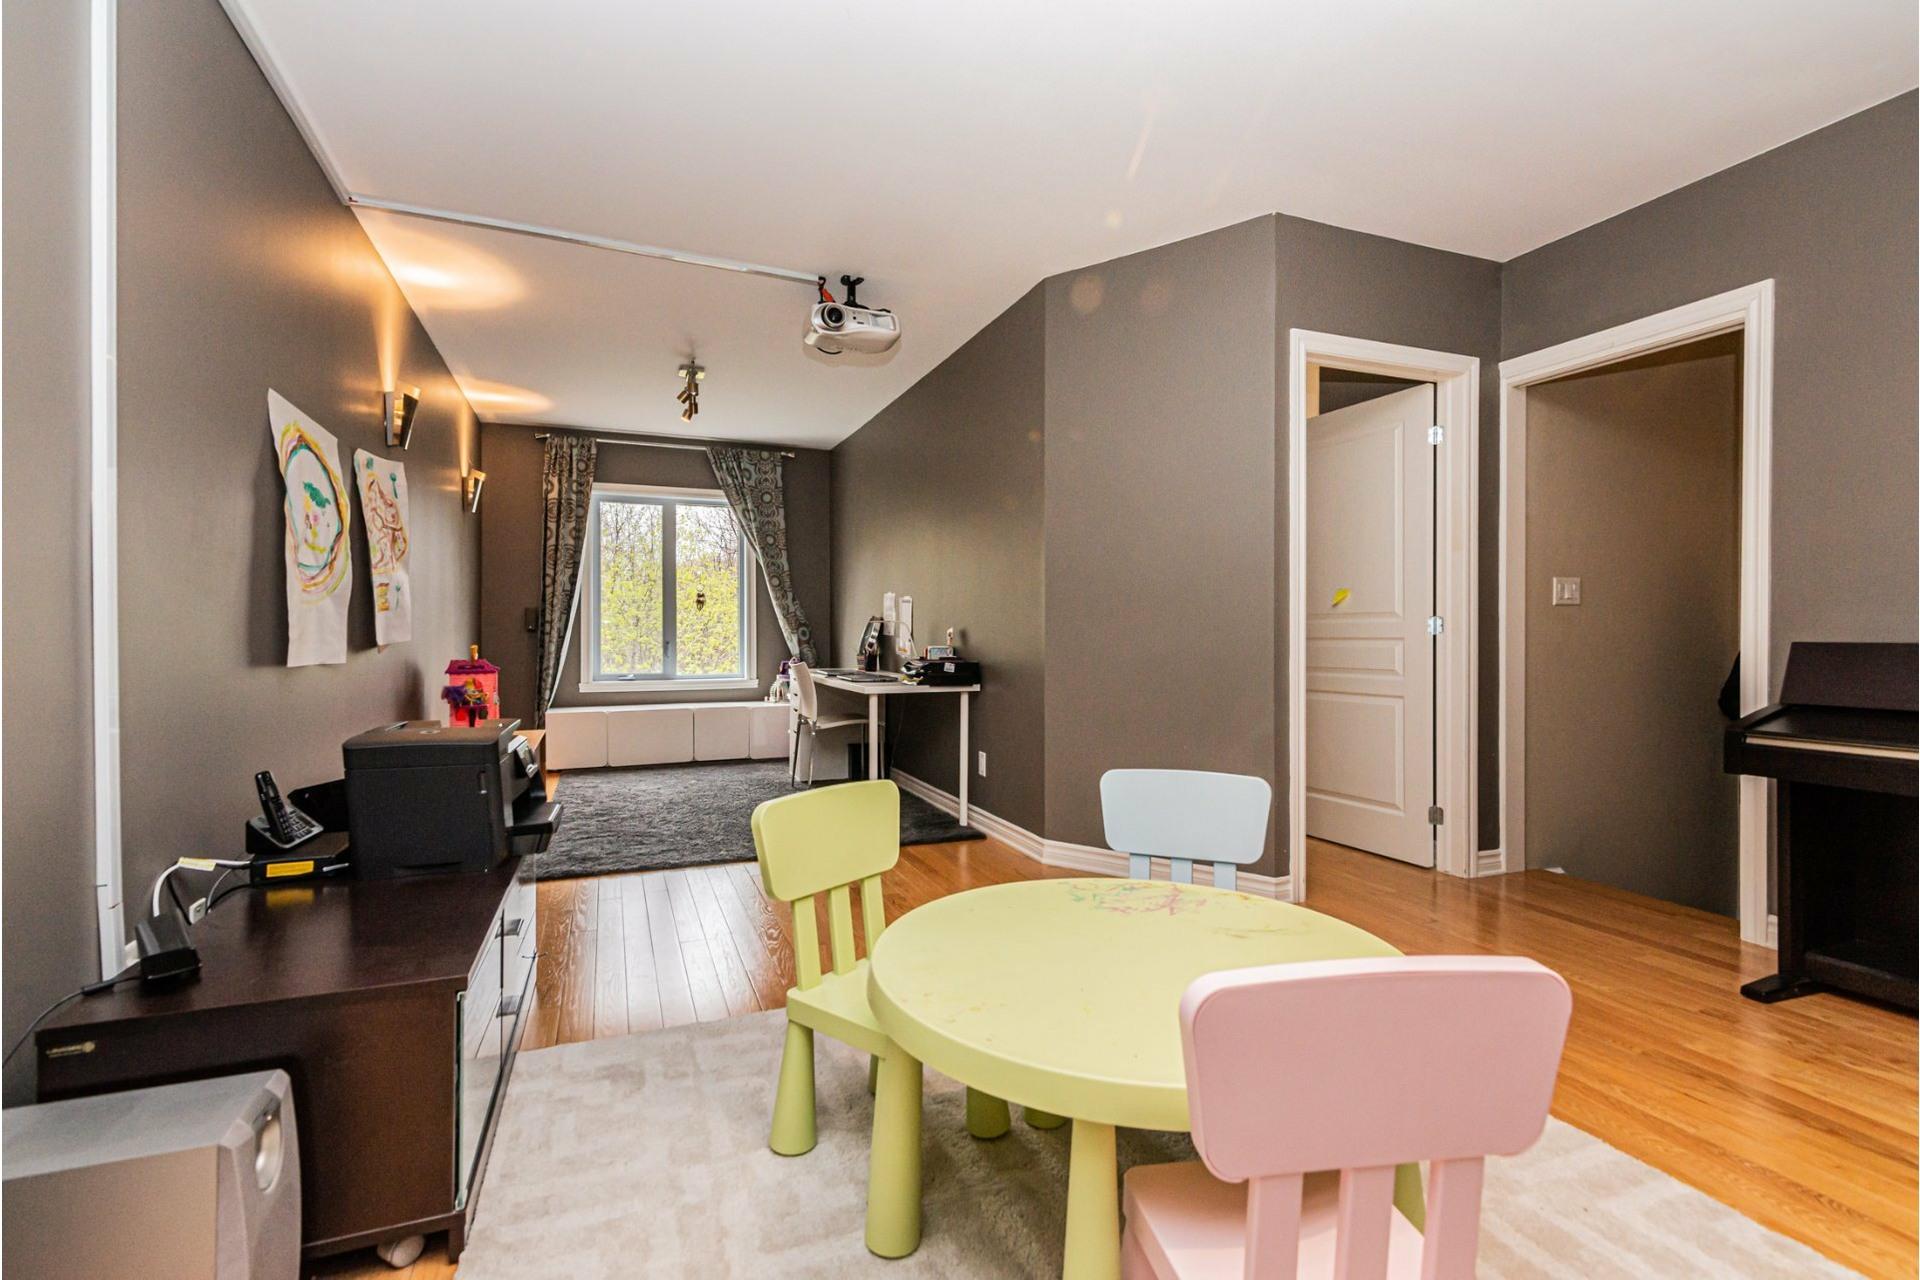 image 18 - Maison À vendre Côte-des-Neiges/Notre-Dame-de-Grâce Montréal  - 11 pièces